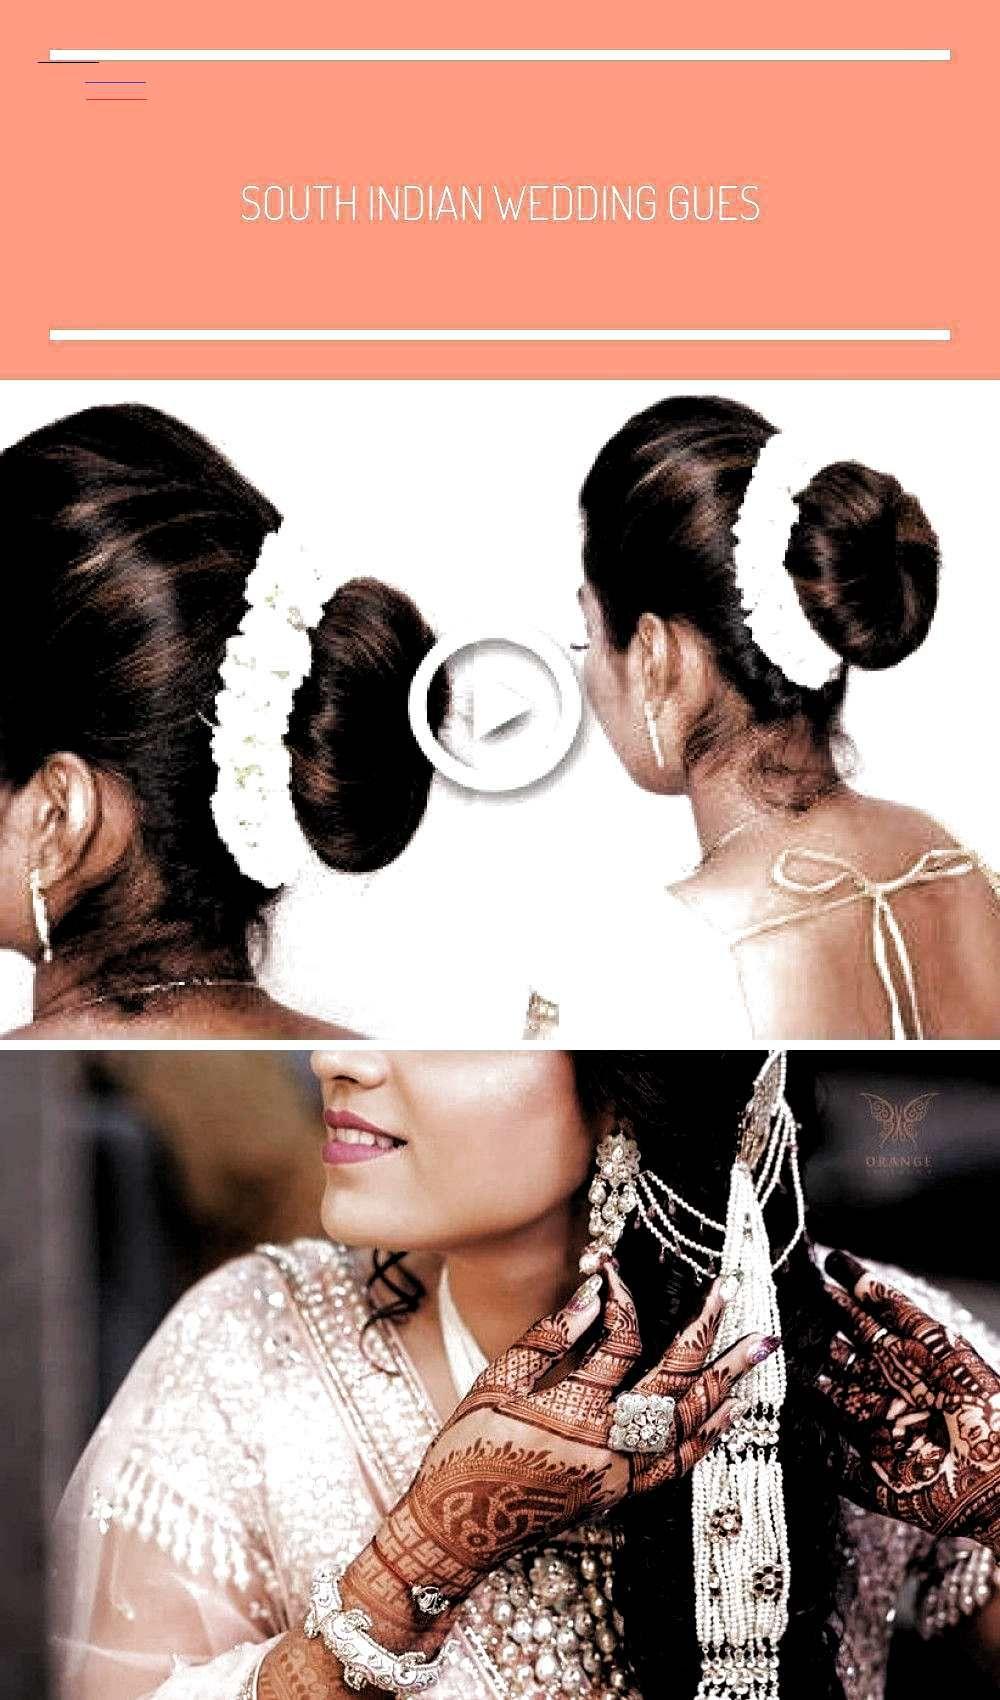 #weddingguesthairstyles in 2020 | Wedding guest hairstyles ...